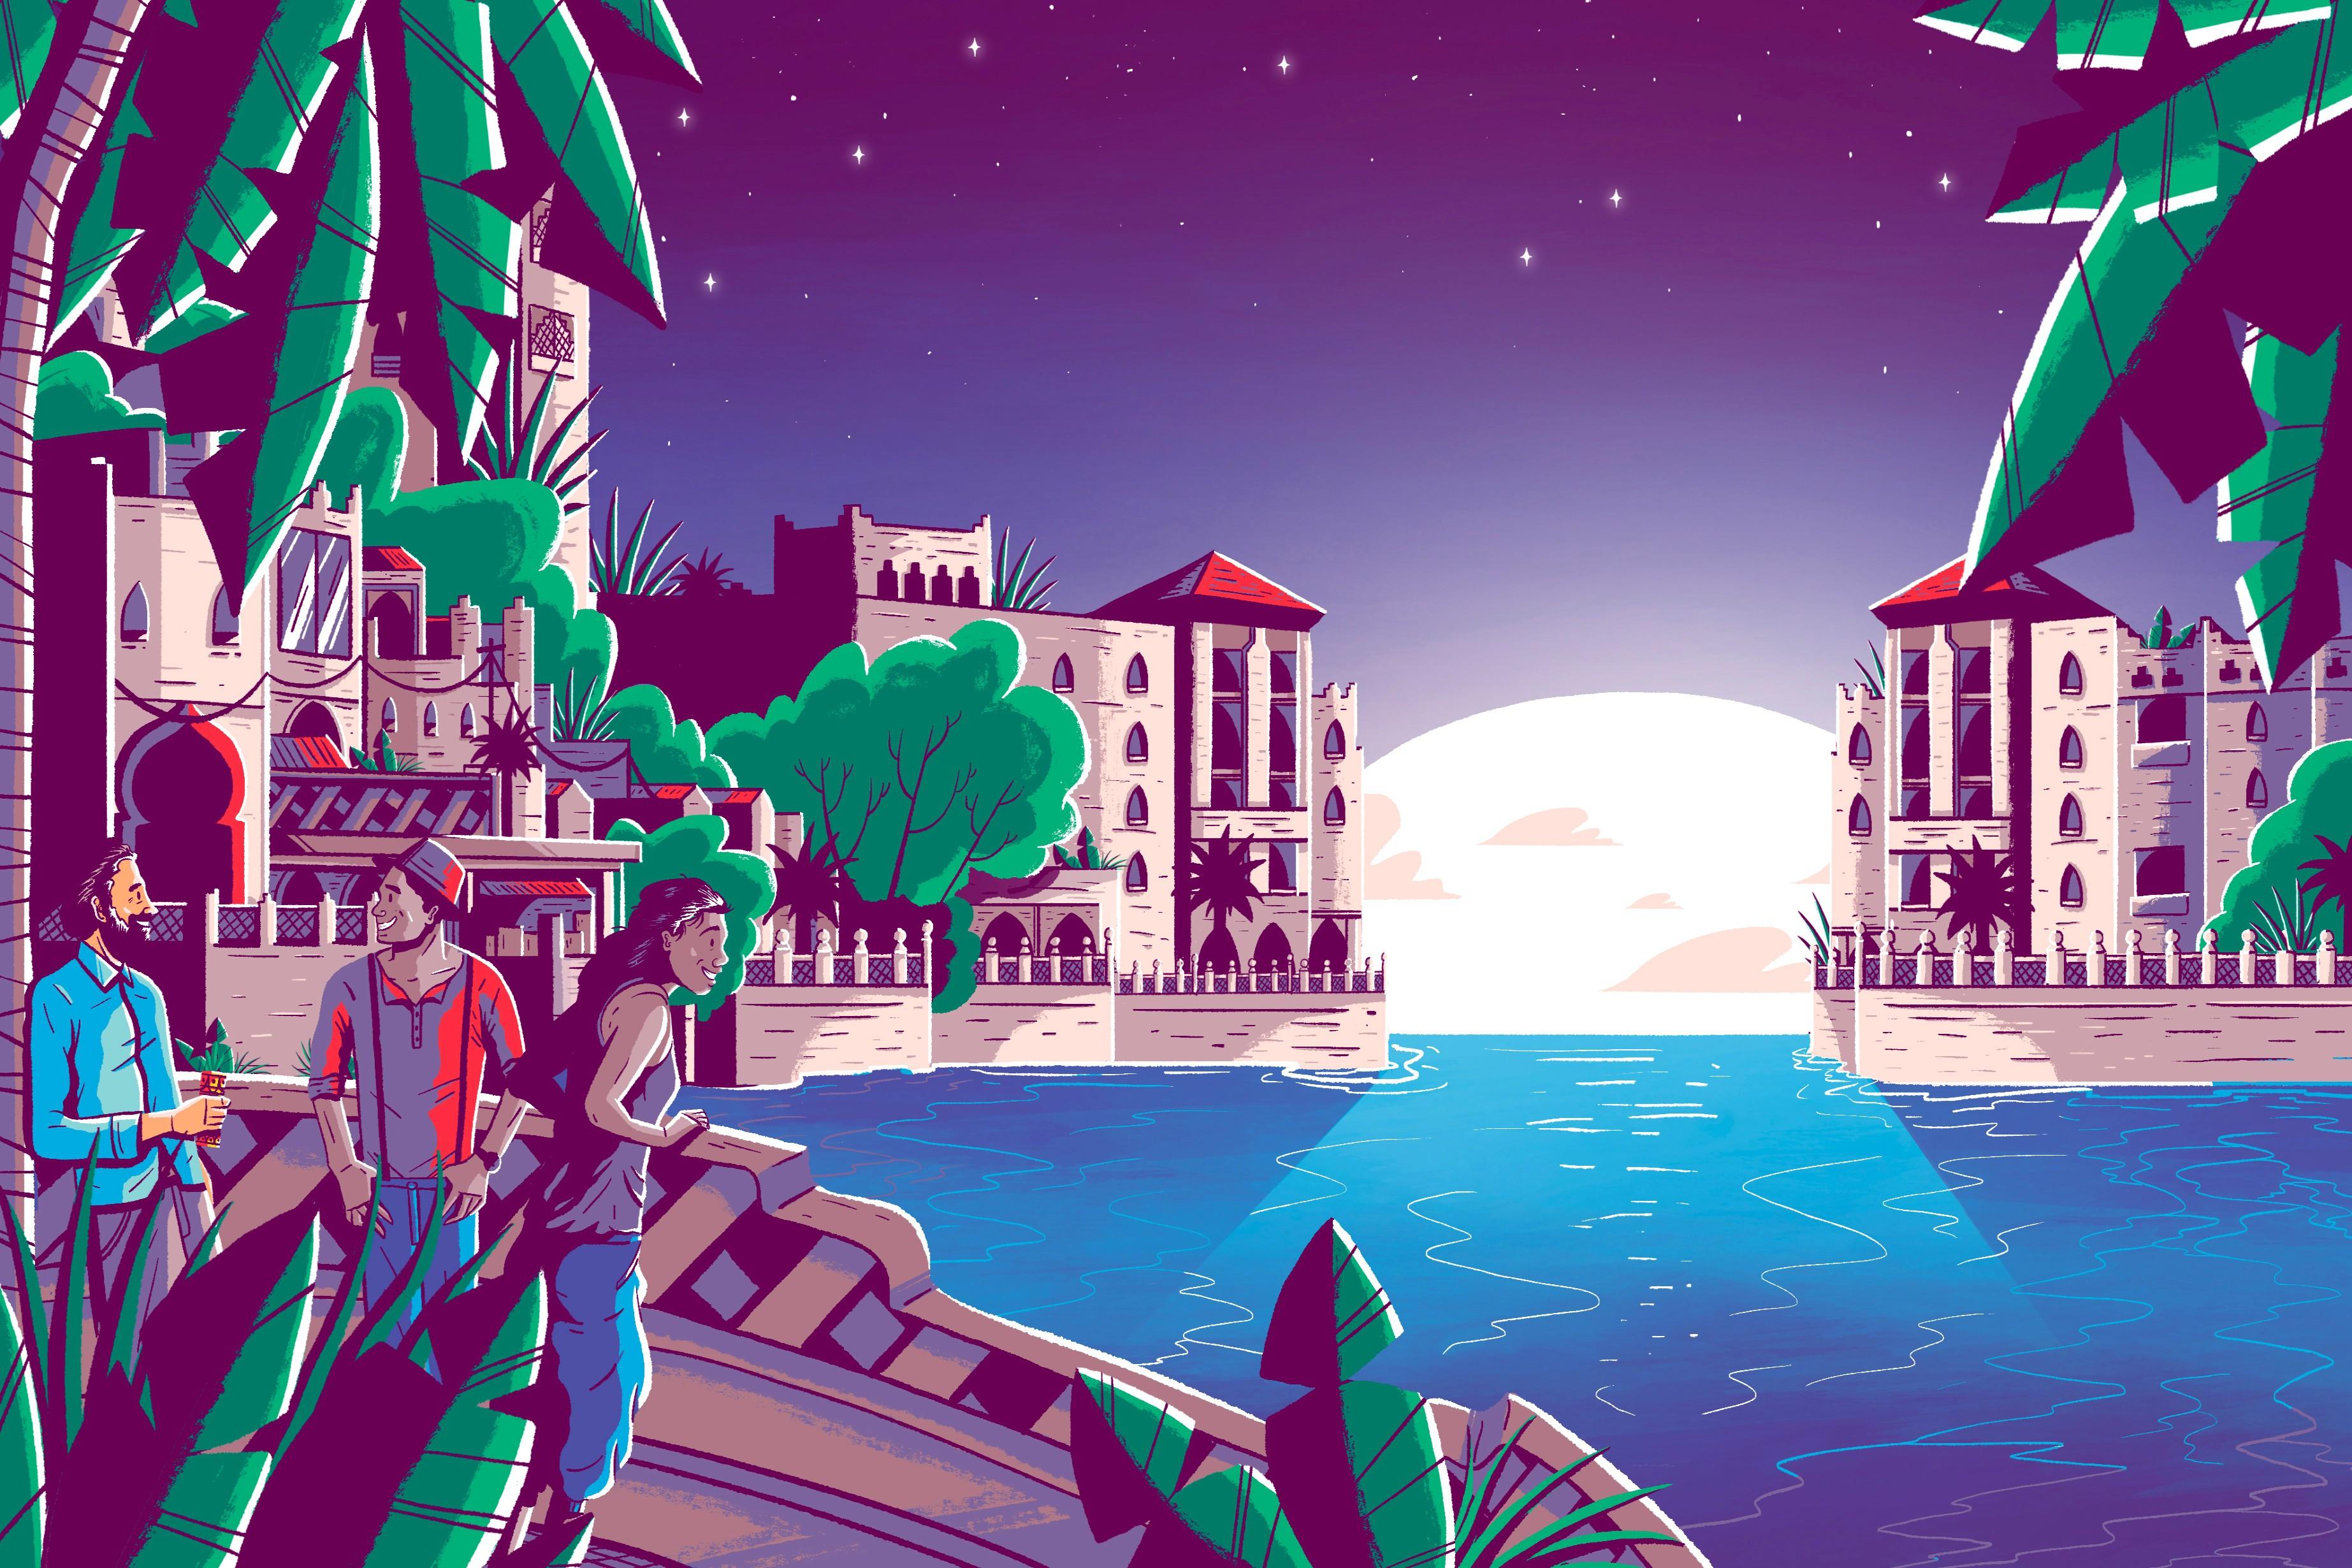 Agadir - See & Do